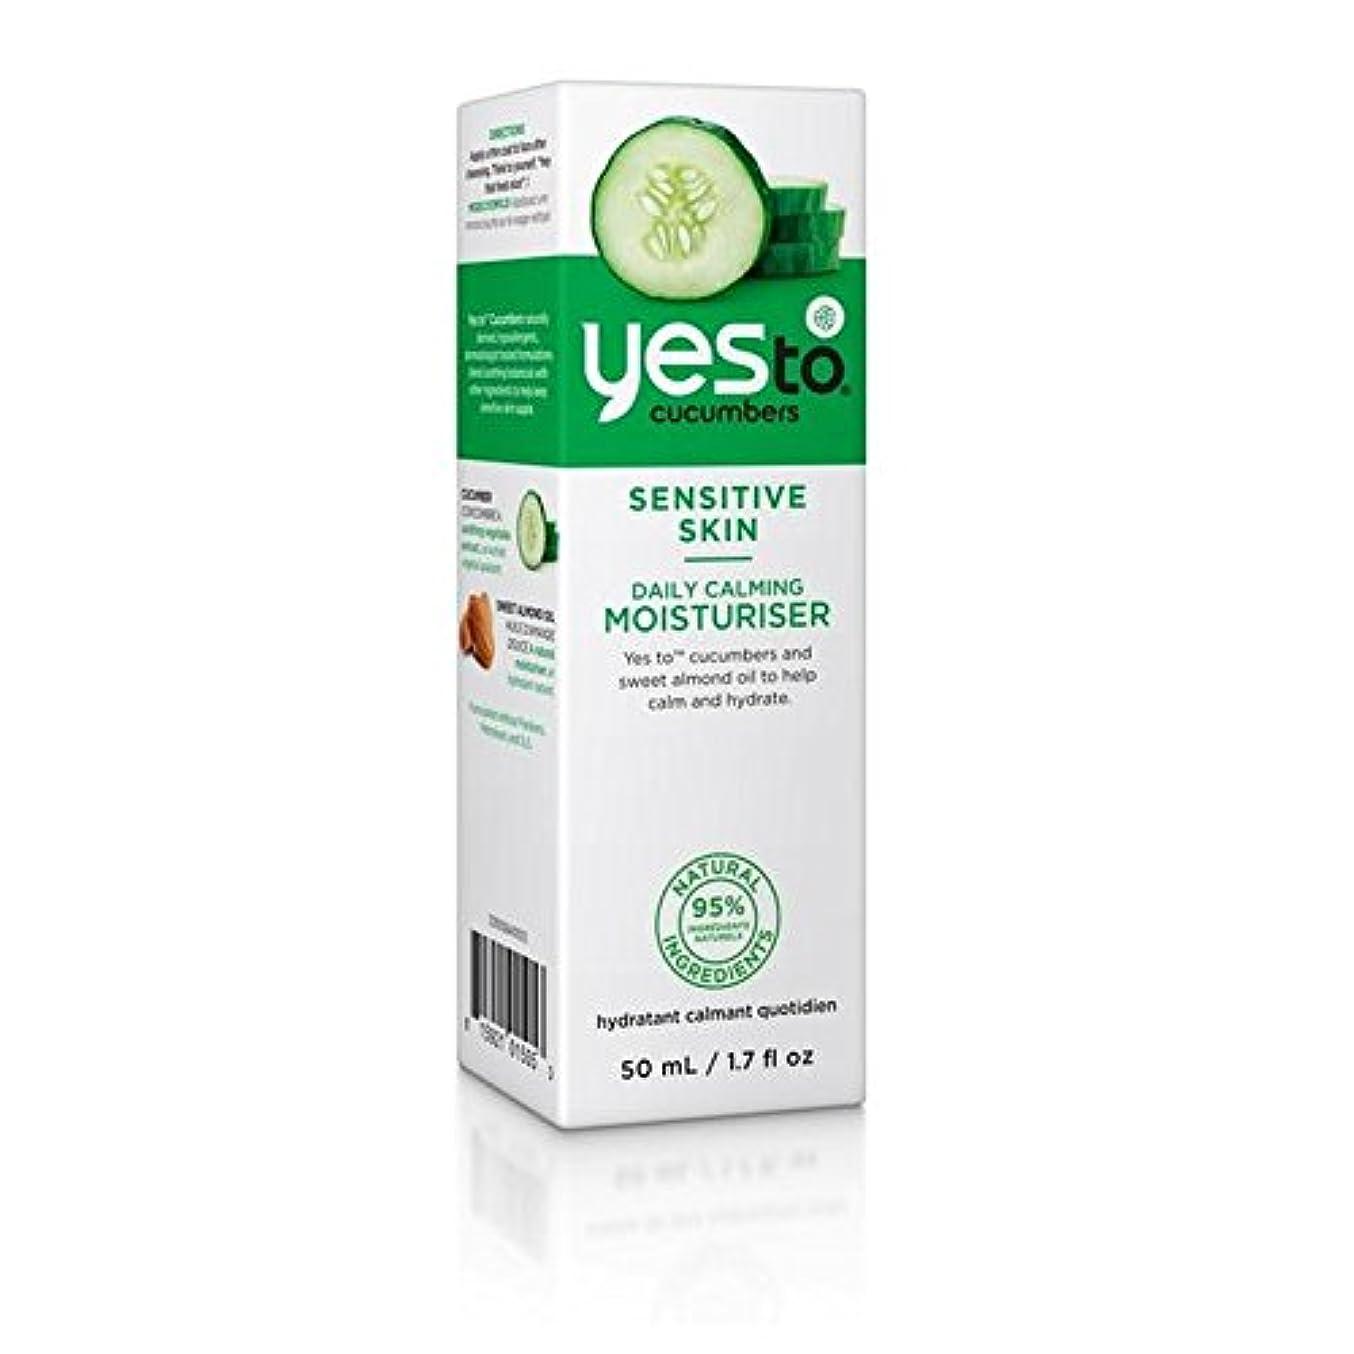 目を覚ます外部環境はいキュウリ保湿50ミリリットルへ x2 - Yes to Cucumbers Moisturiser 50ml (Pack of 2) [並行輸入品]